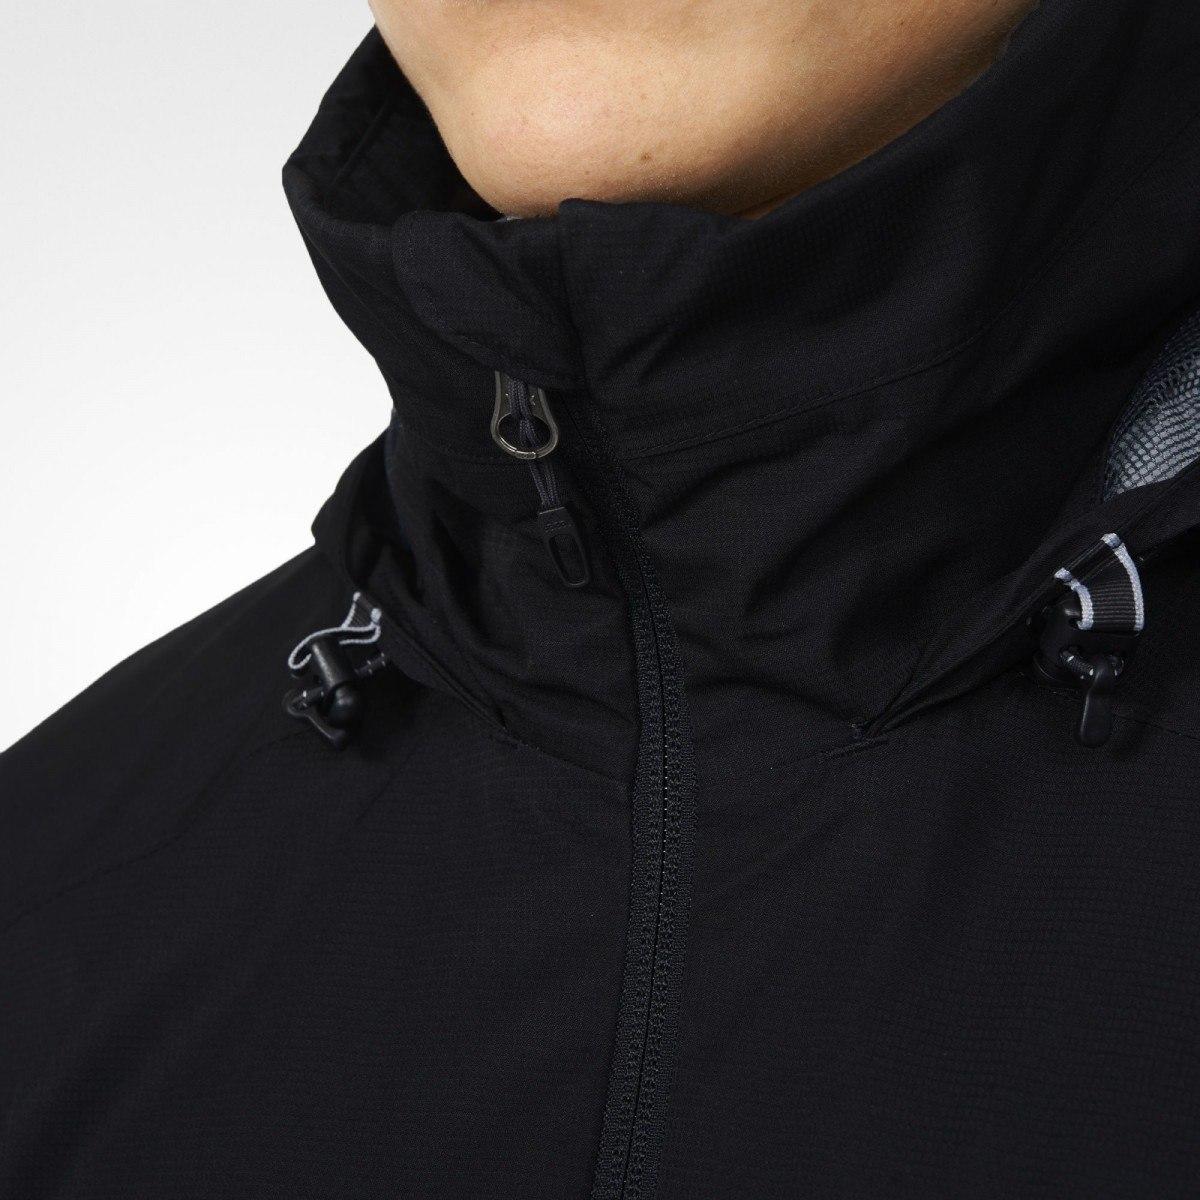 3c84cafe5cd jaqueta adidas masculina impermeável solid ao2070 para frio. Carregando  zoom.